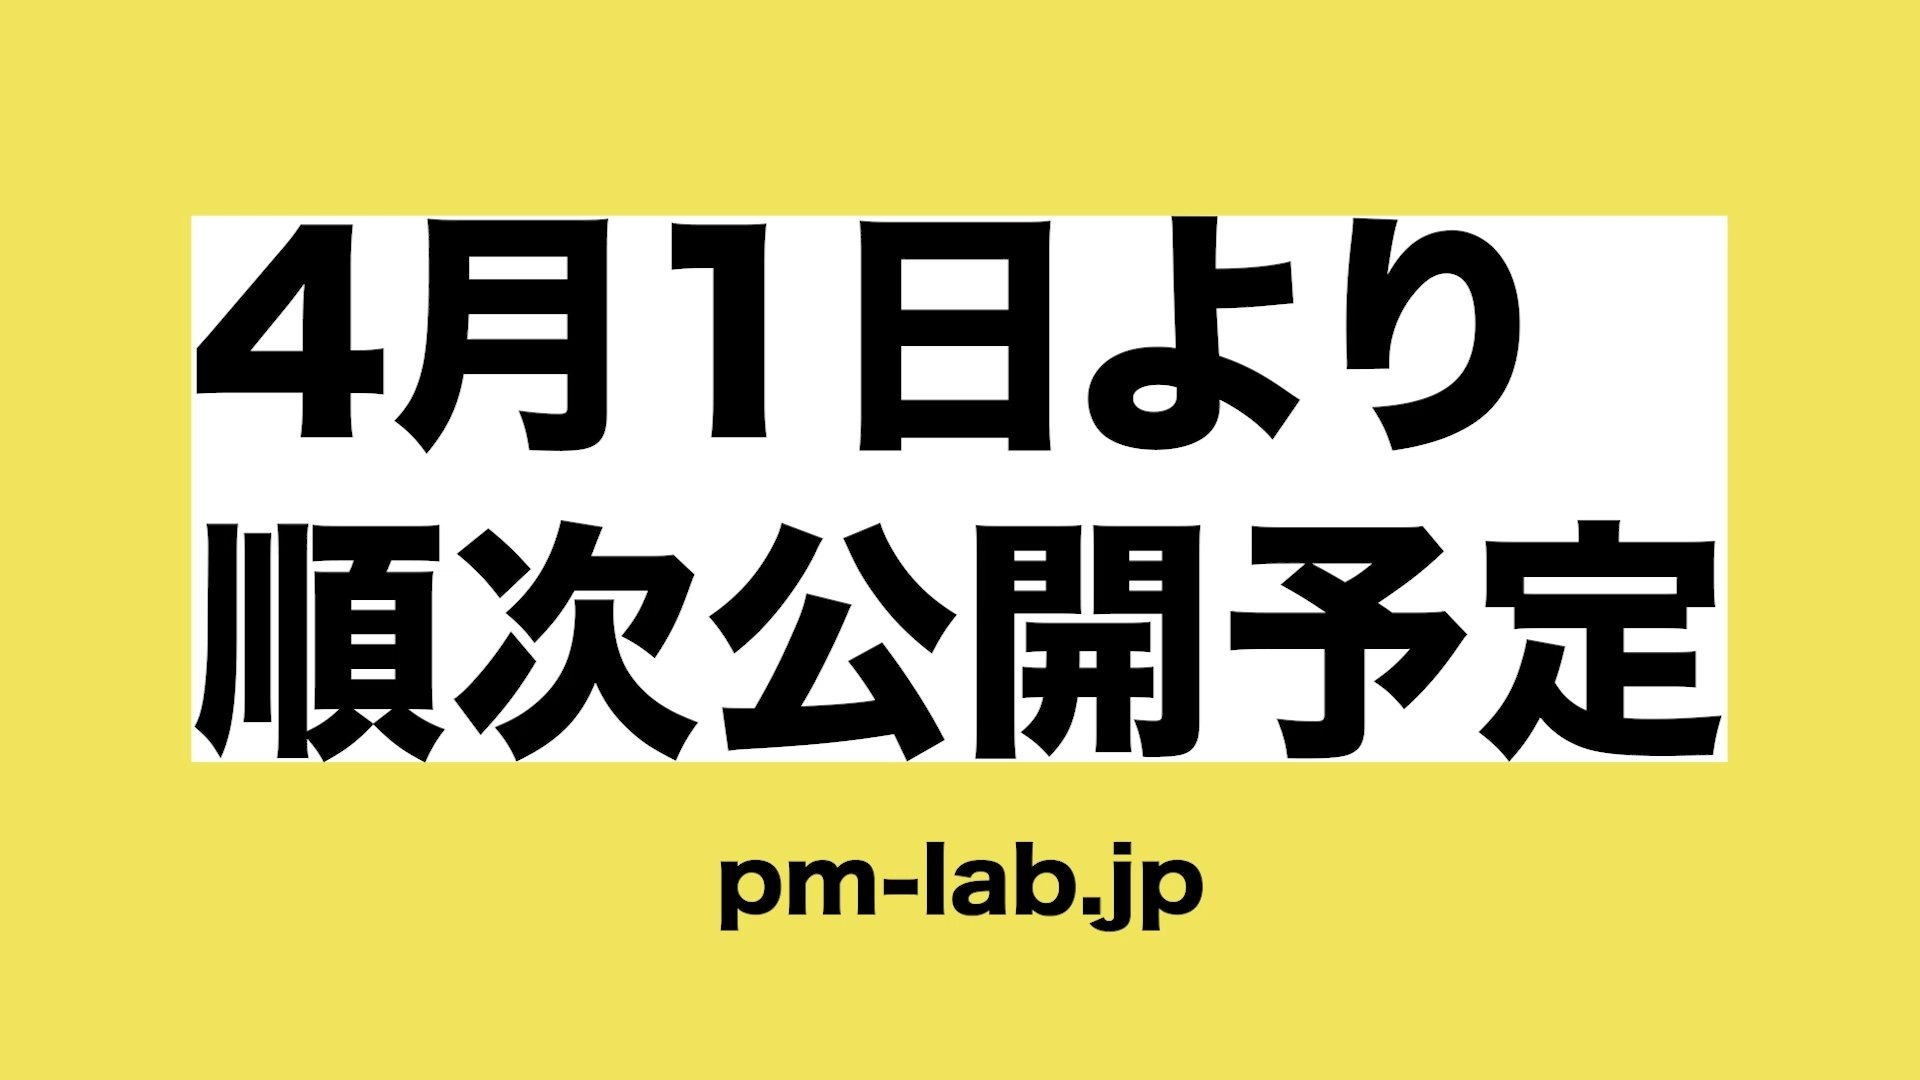 スペシャル対談 予告編